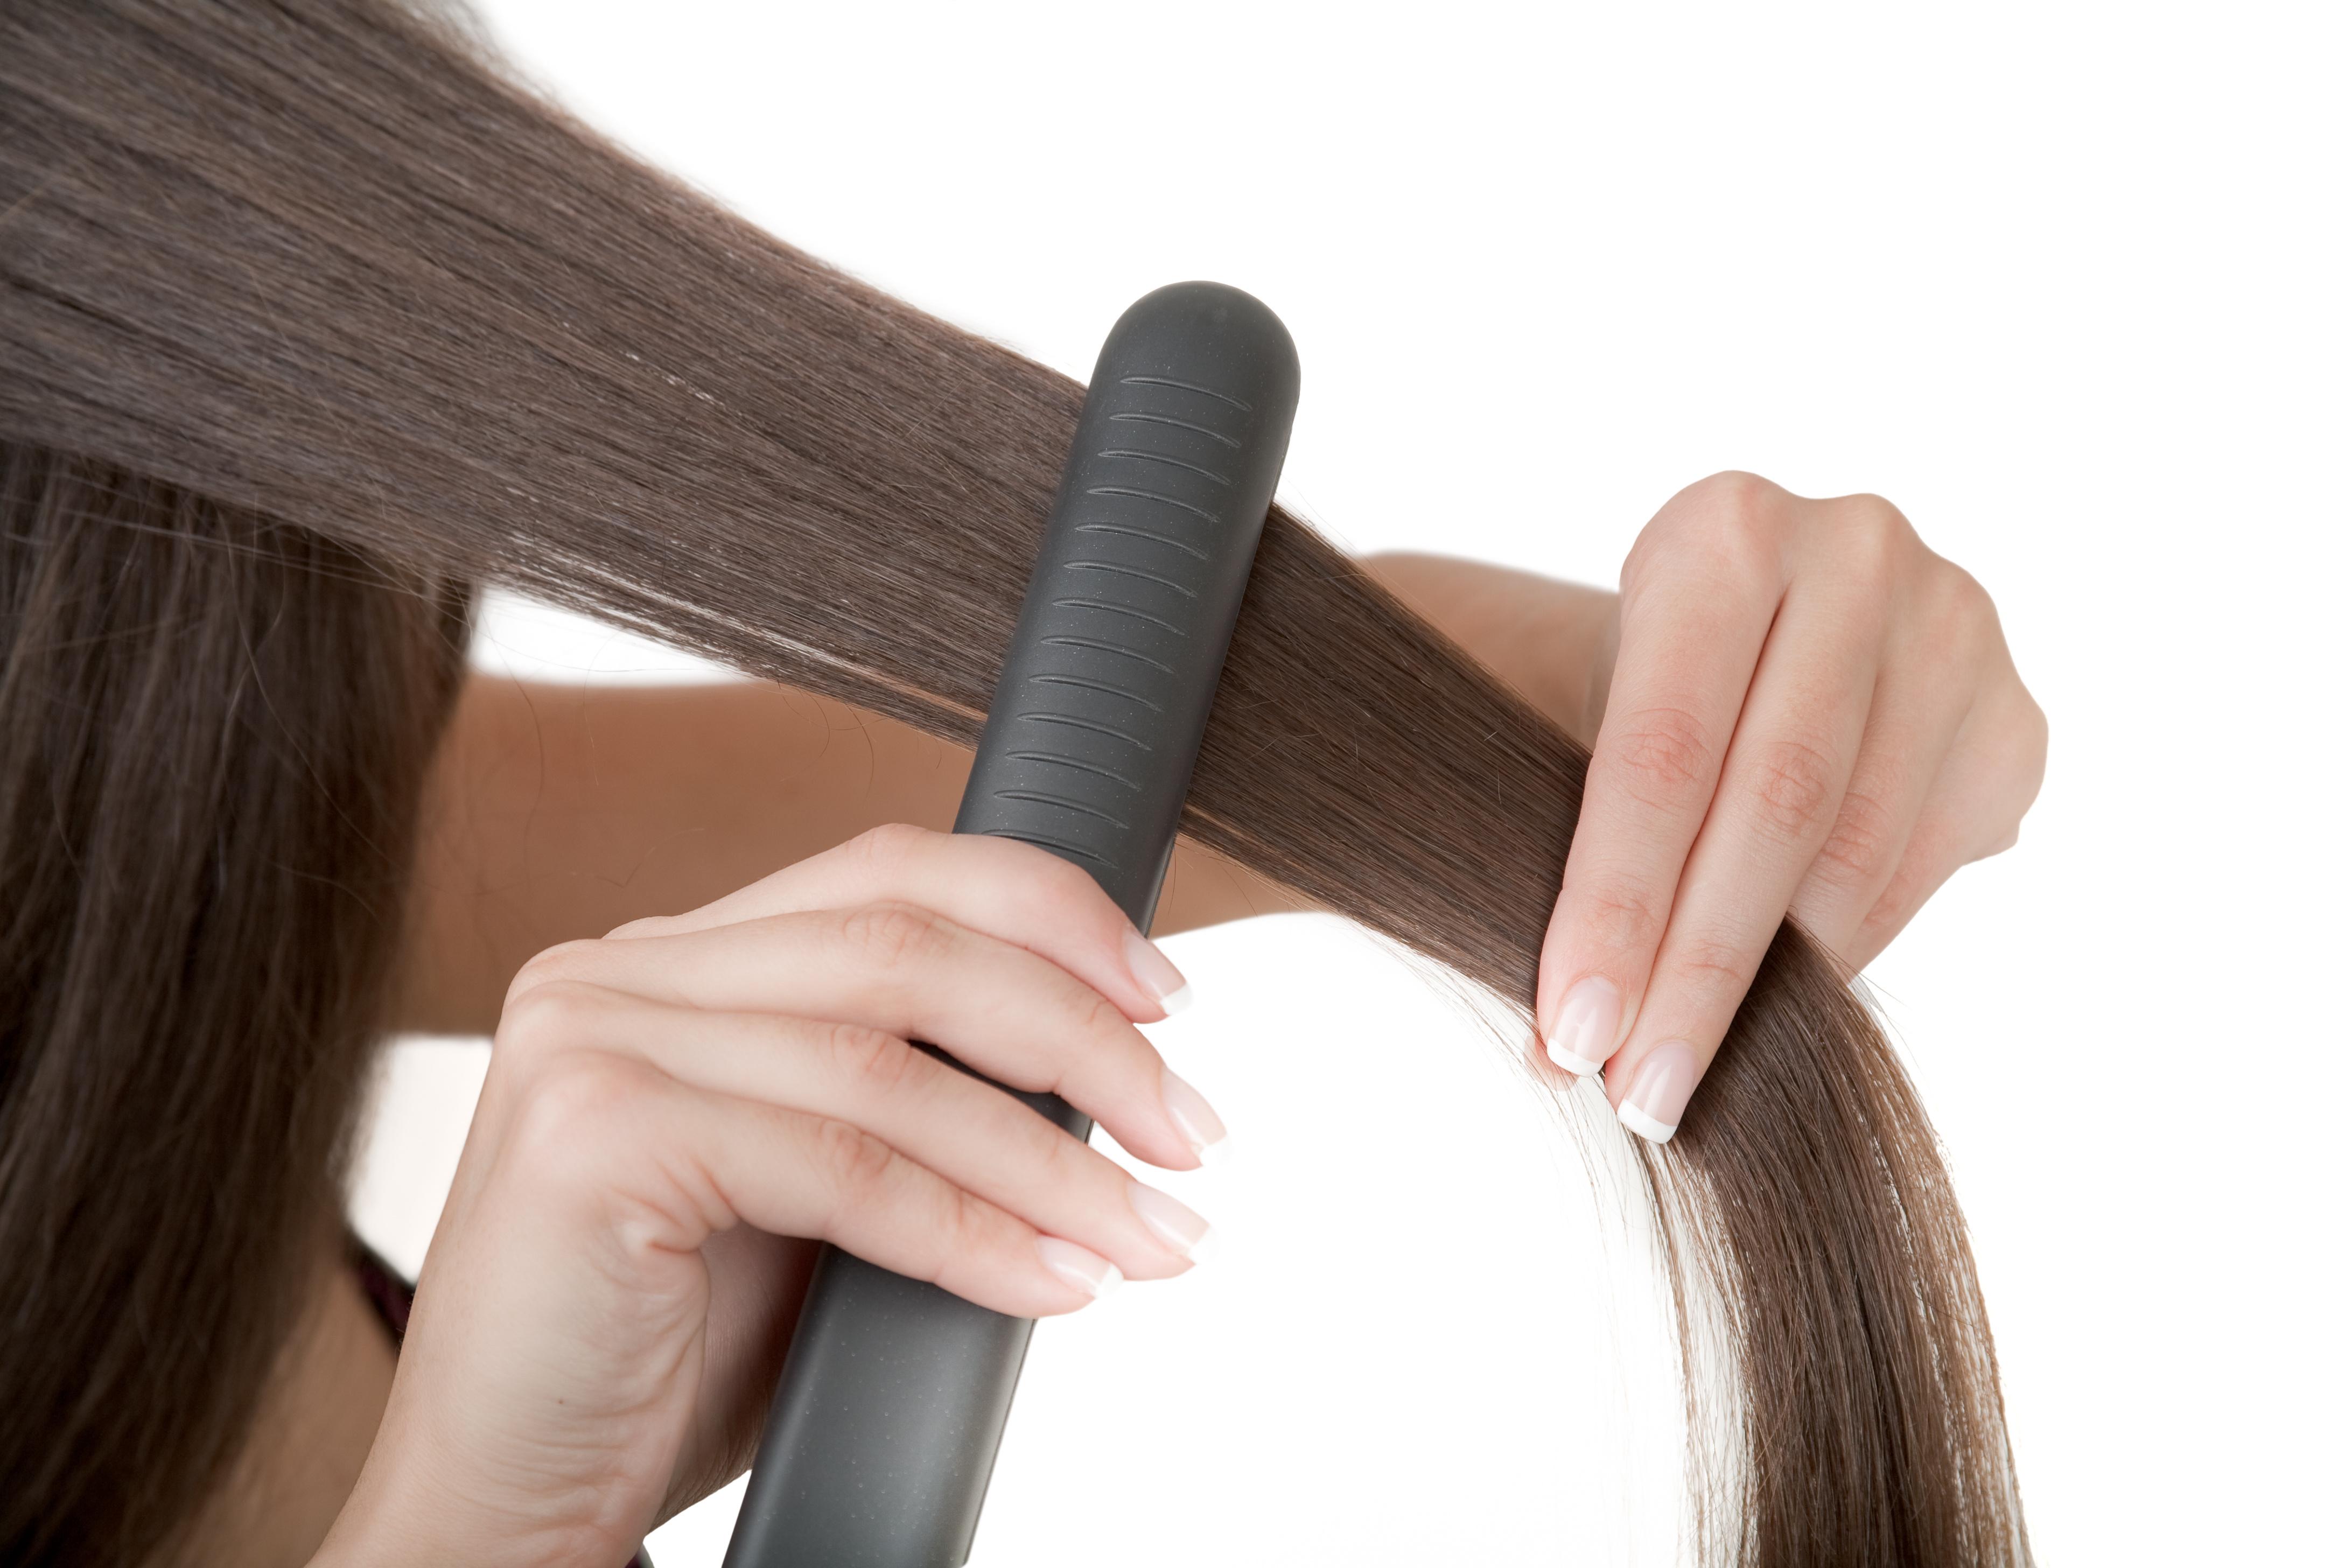 Ряд на волосах картинка эстетической медицины